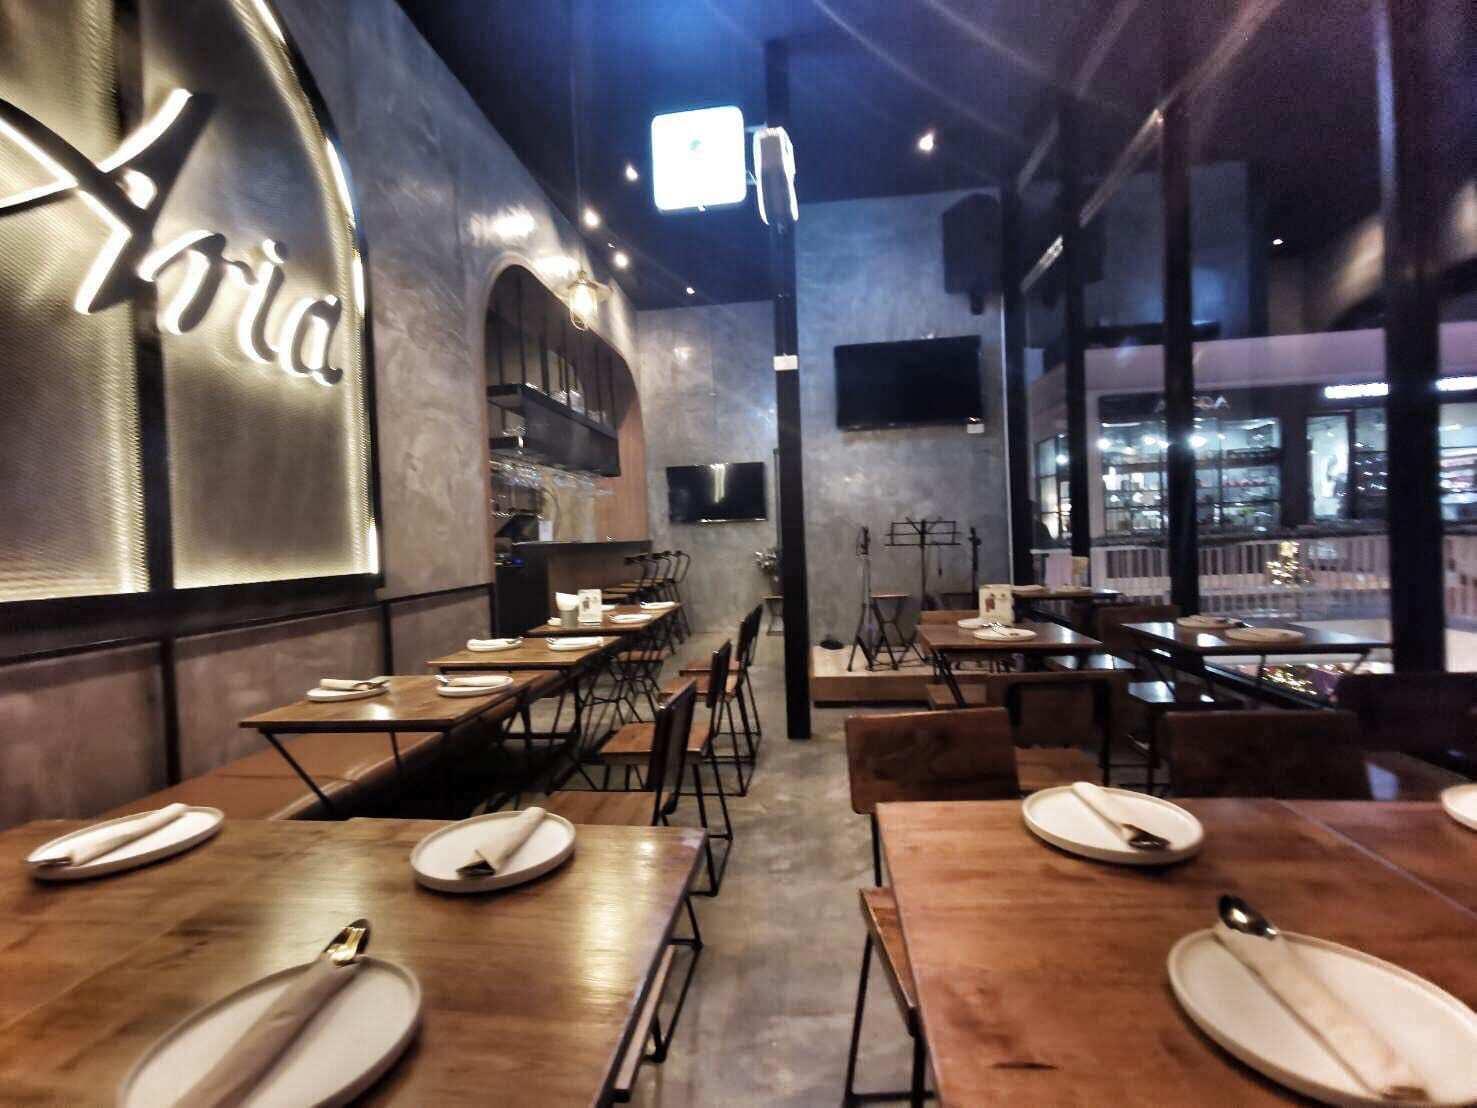 เซ้ง!! ร้านอาหาร อารีย์ซอย4 ฝั่งเหนือ ( ใกล้คอนโดและ bts อารีย์ )